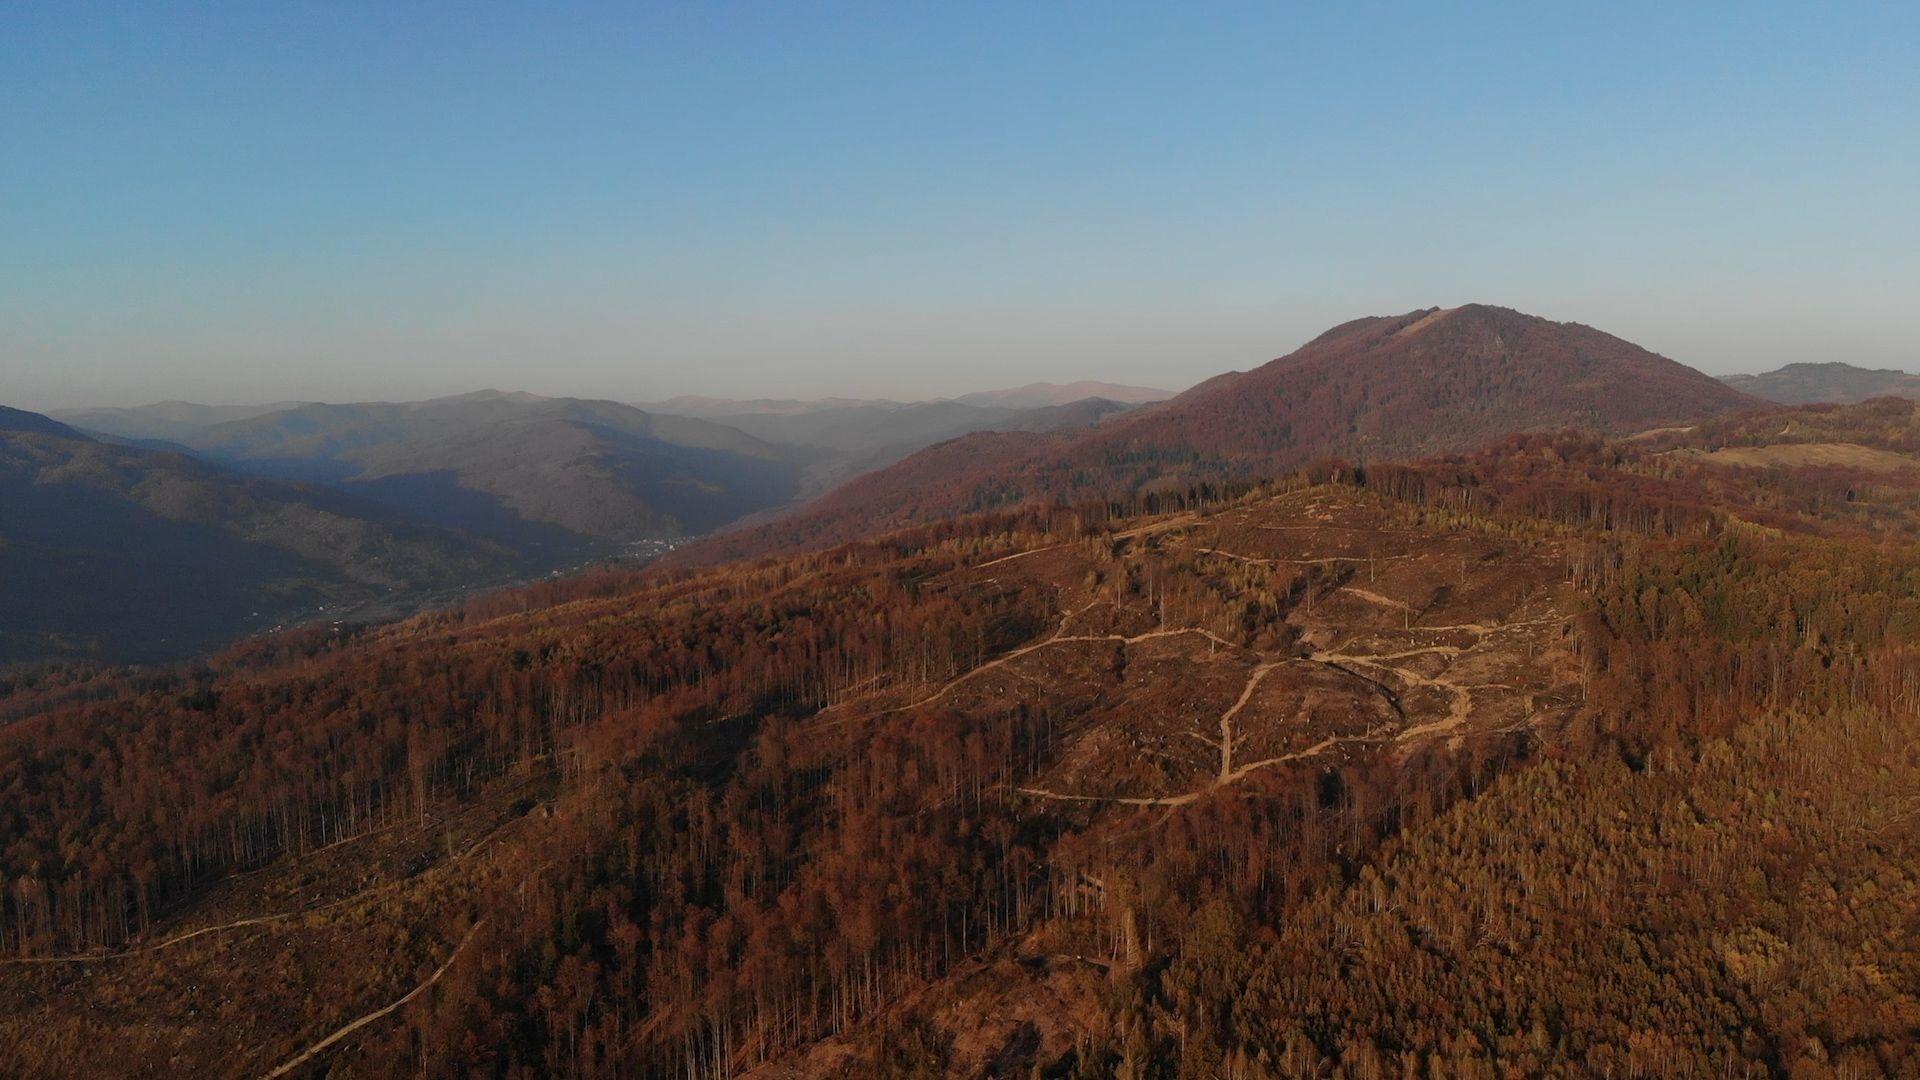 Earthsight сфотографировала места незаконной рубки леса на территории Фото: earthsight.org.uk